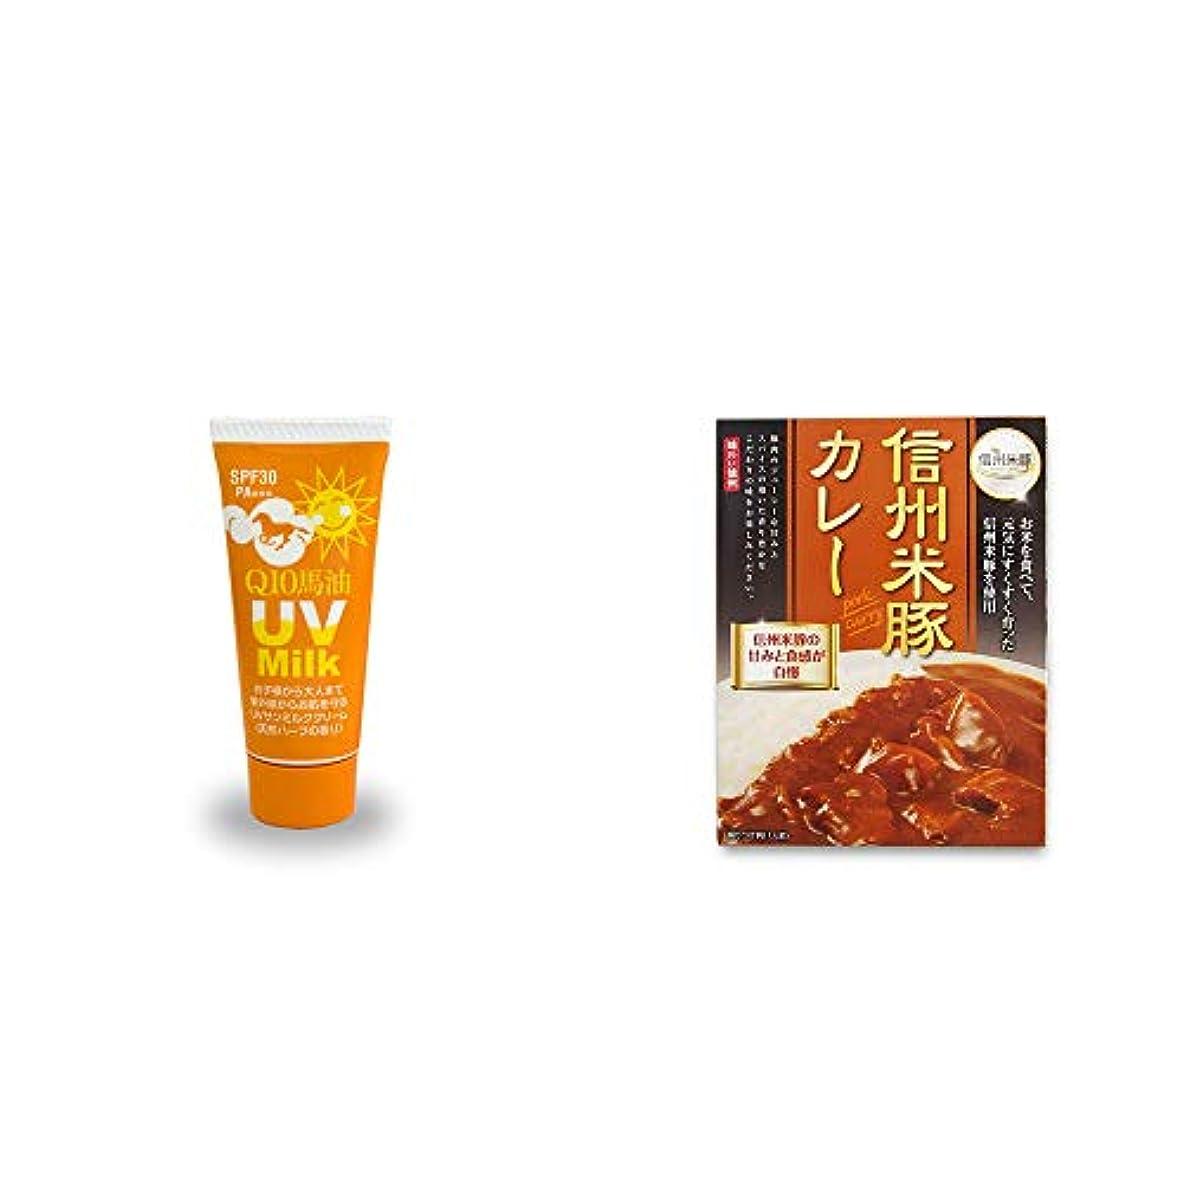 レーザポーン筋肉の[2点セット] 炭黒泉 Q10馬油 UVサンミルク[天然ハーブ](40g)?信州米豚カレー(1食分)